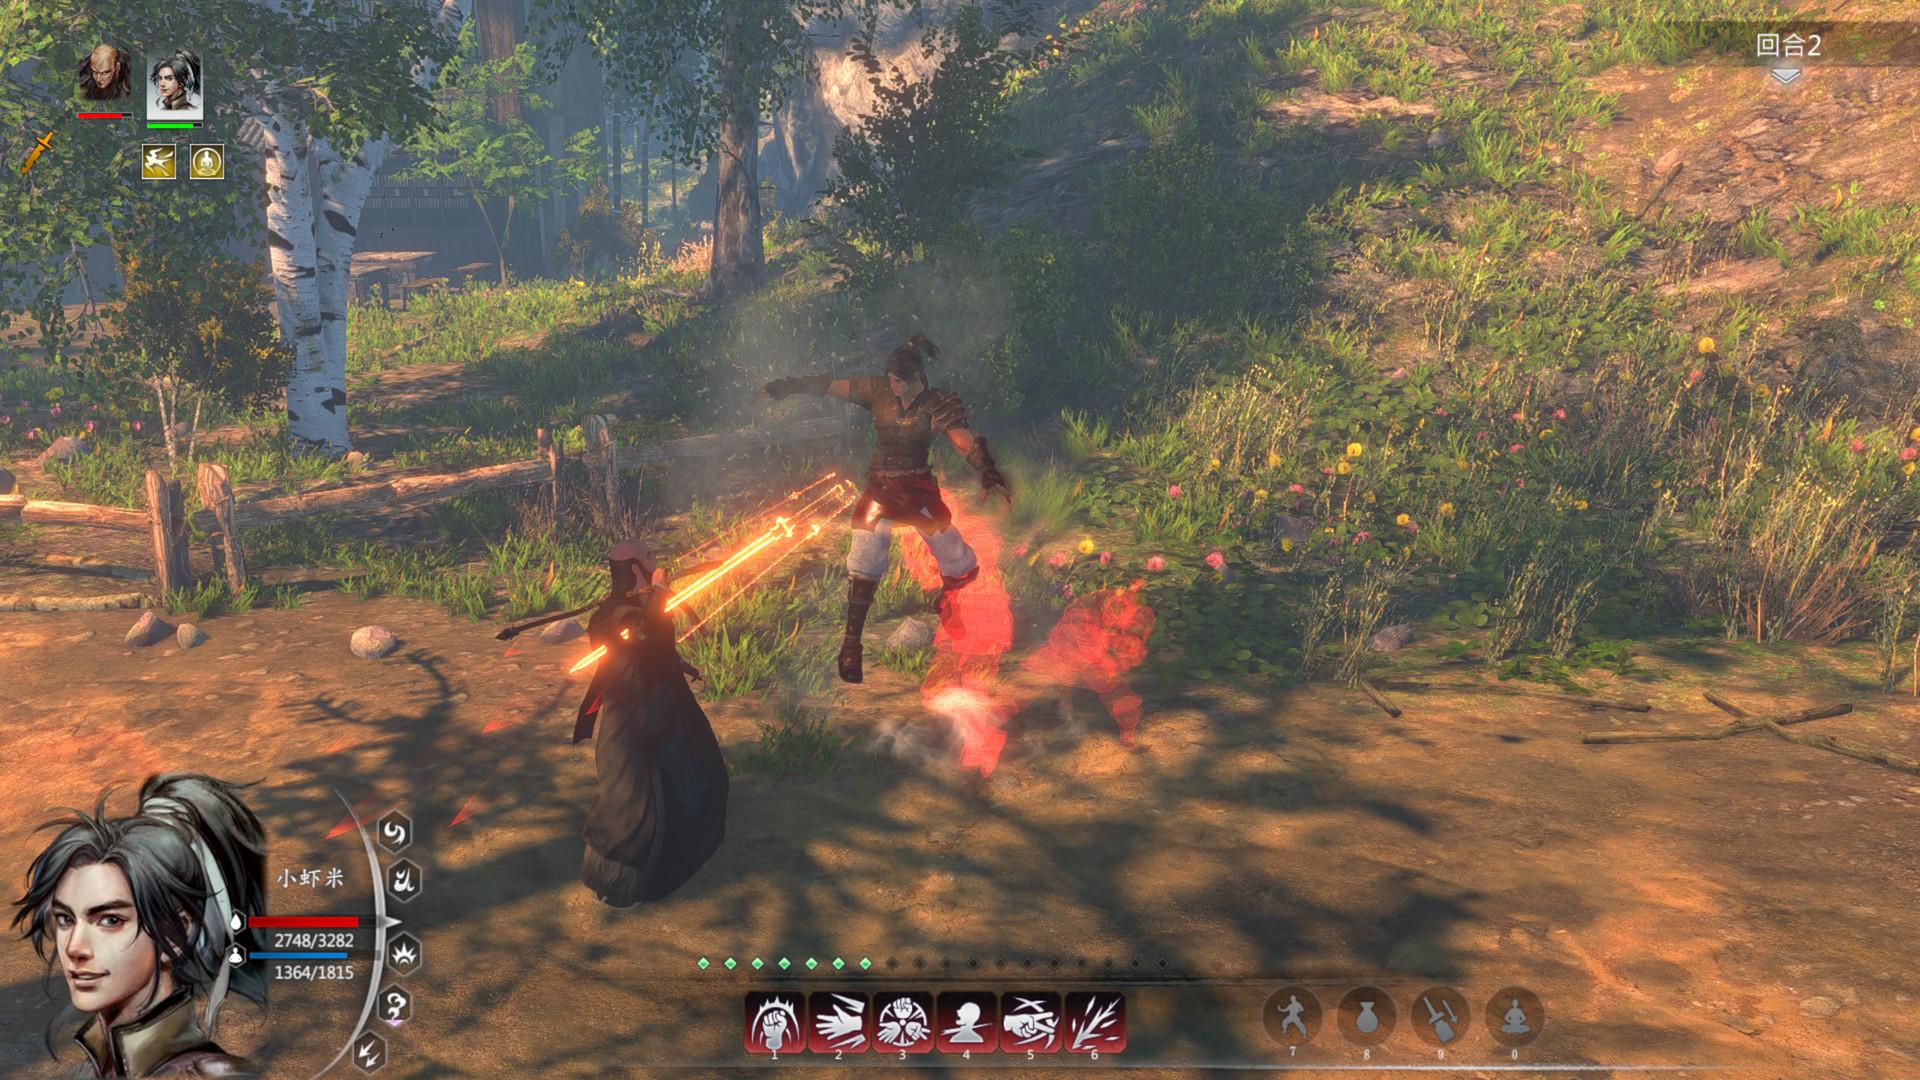 《河洛群侠传》Steam版更新发售日期 11月15日发售